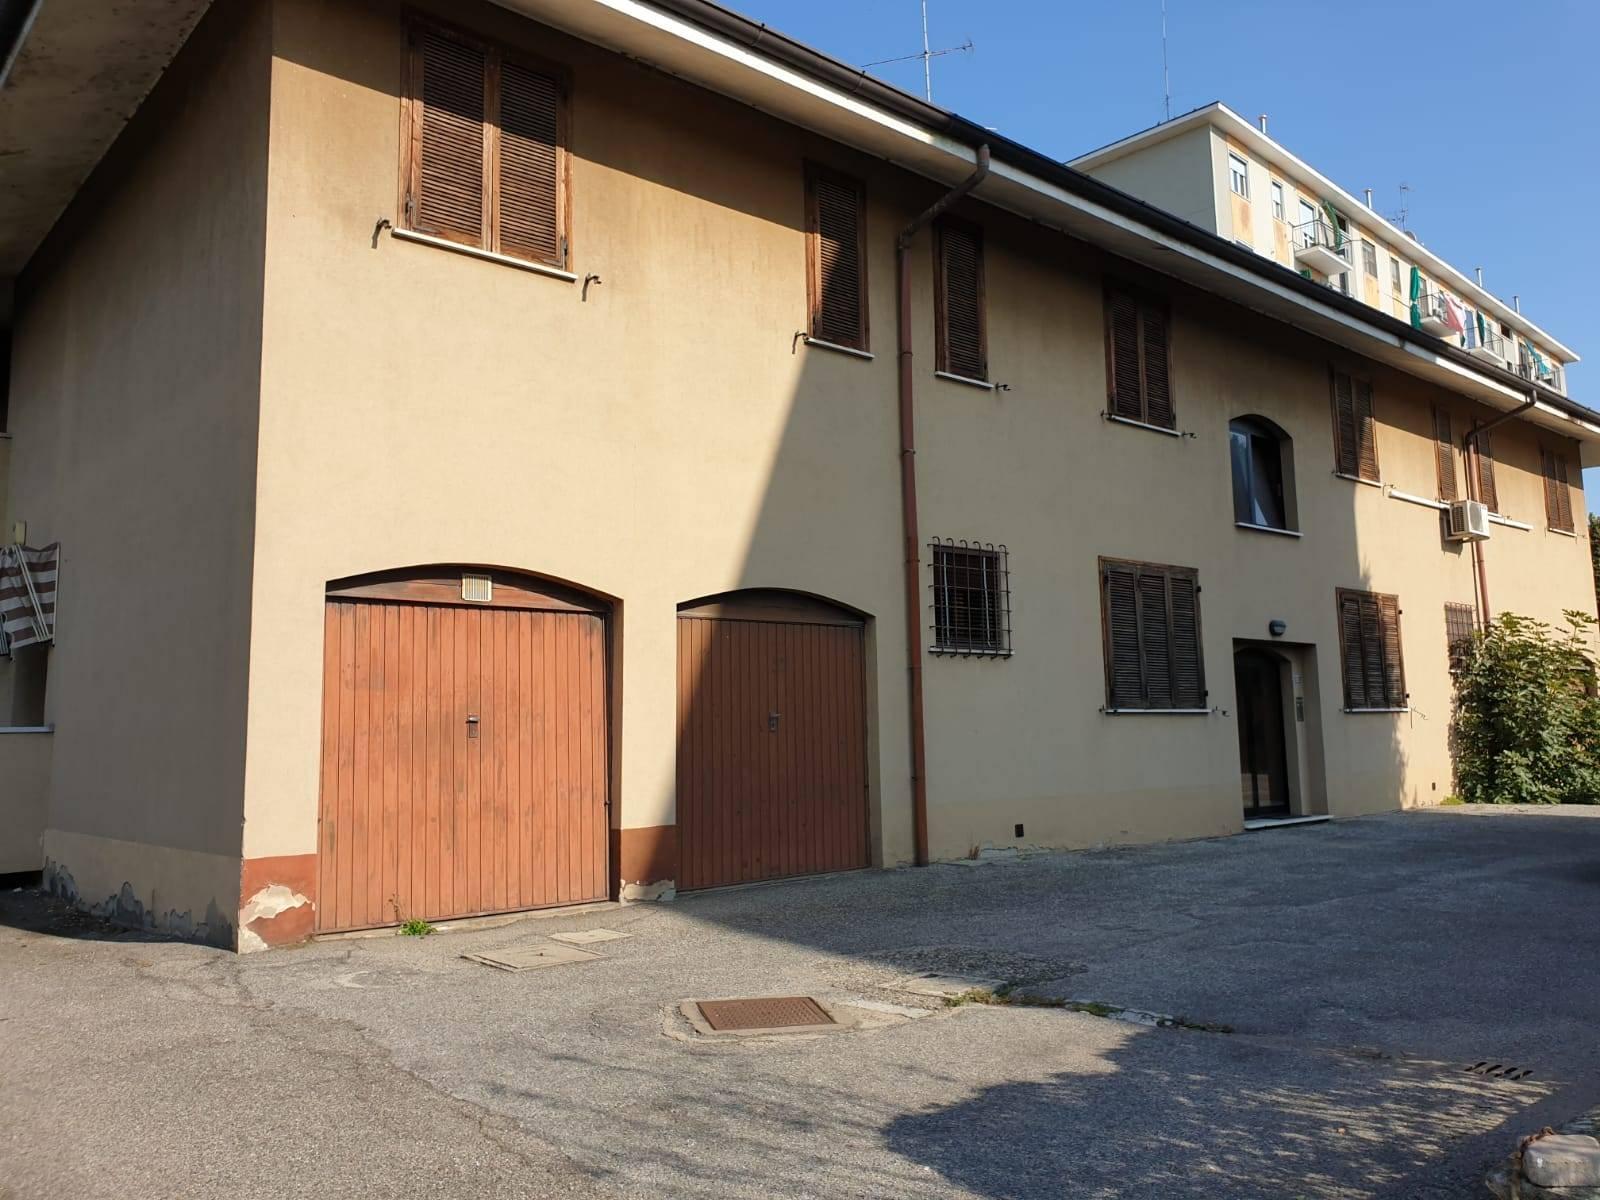 Appartamento in vendita a Binasco, 3 locali, prezzo € 200.000 | CambioCasa.it